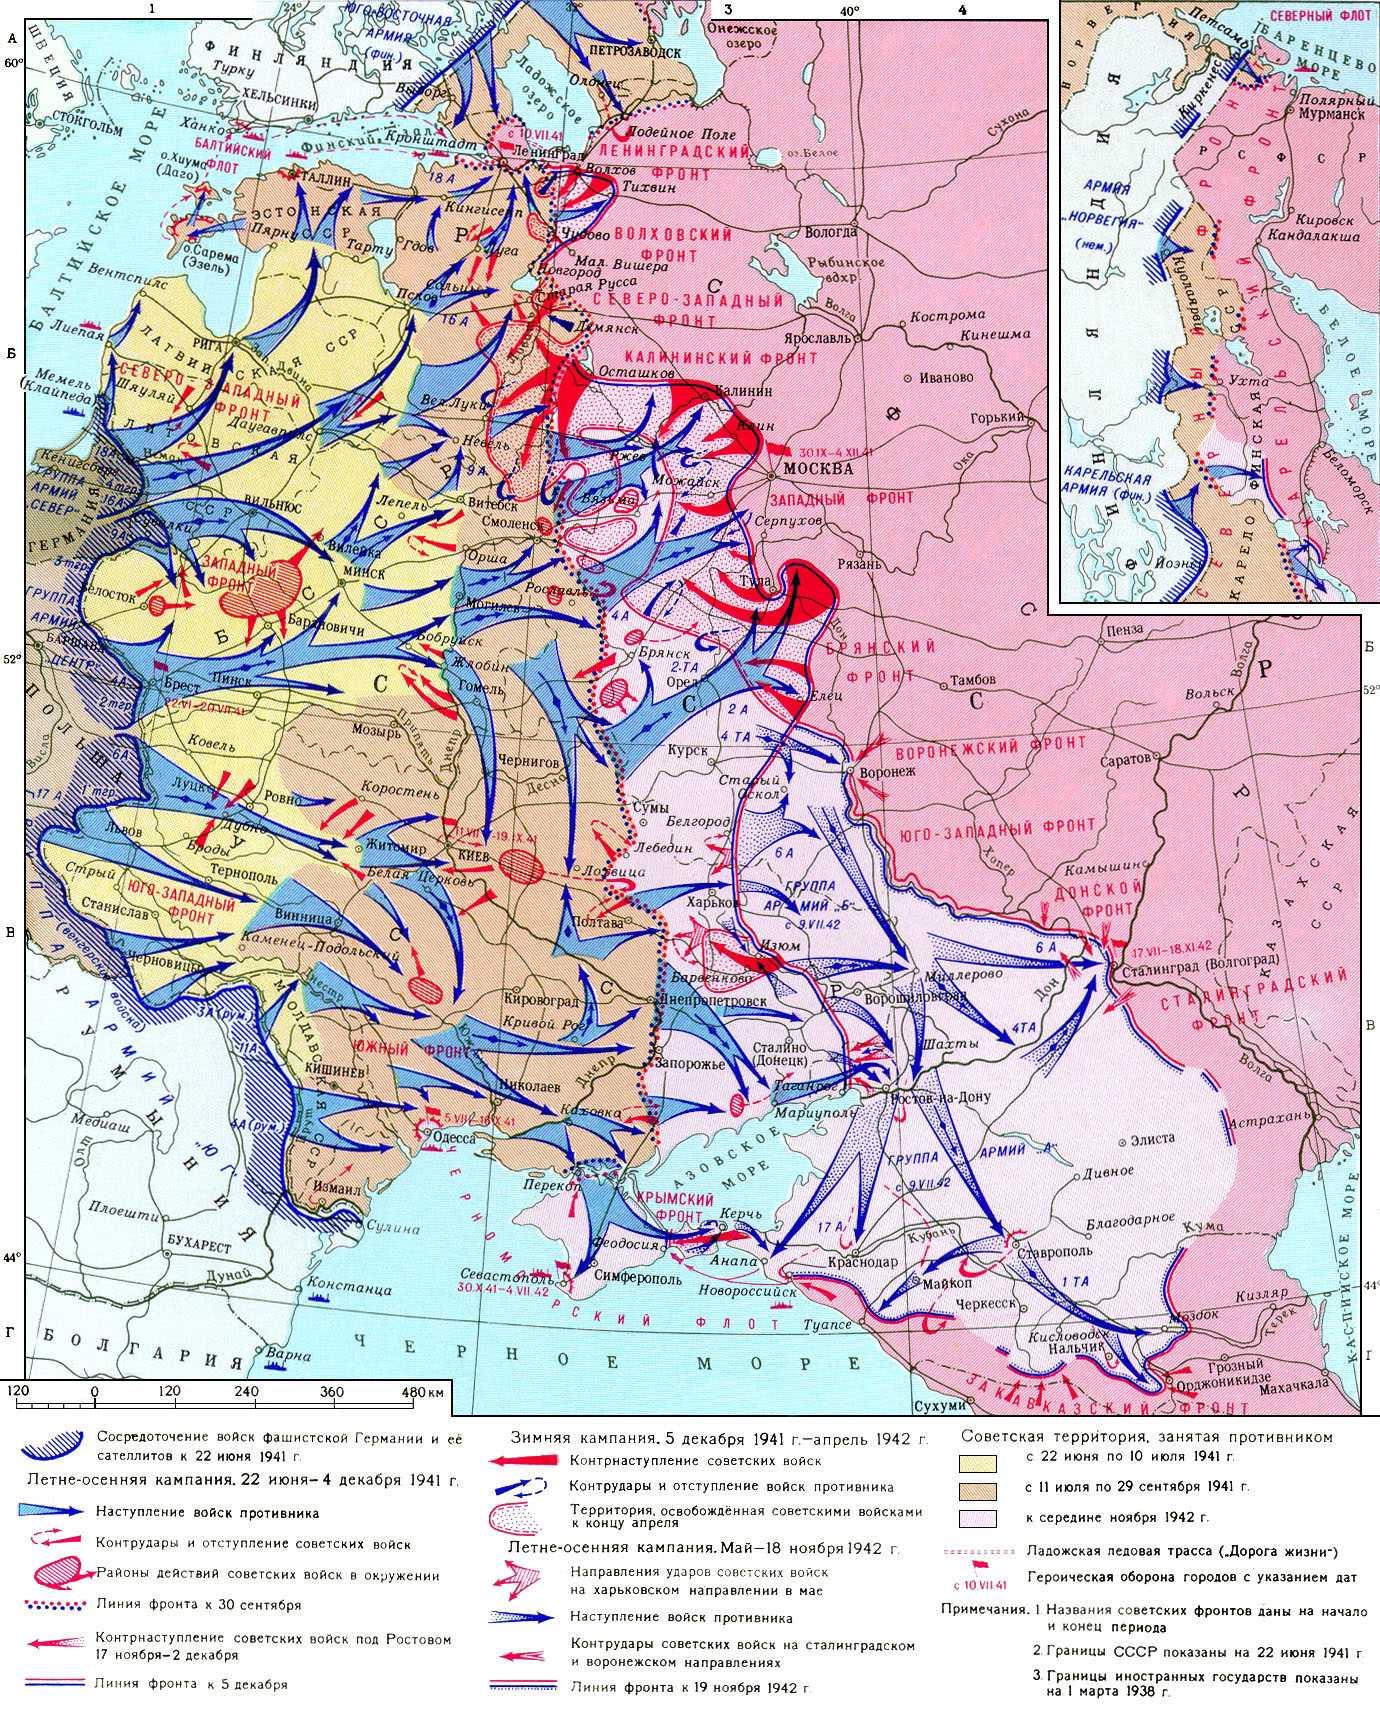 Первые месяцы Великой Отечественной войны